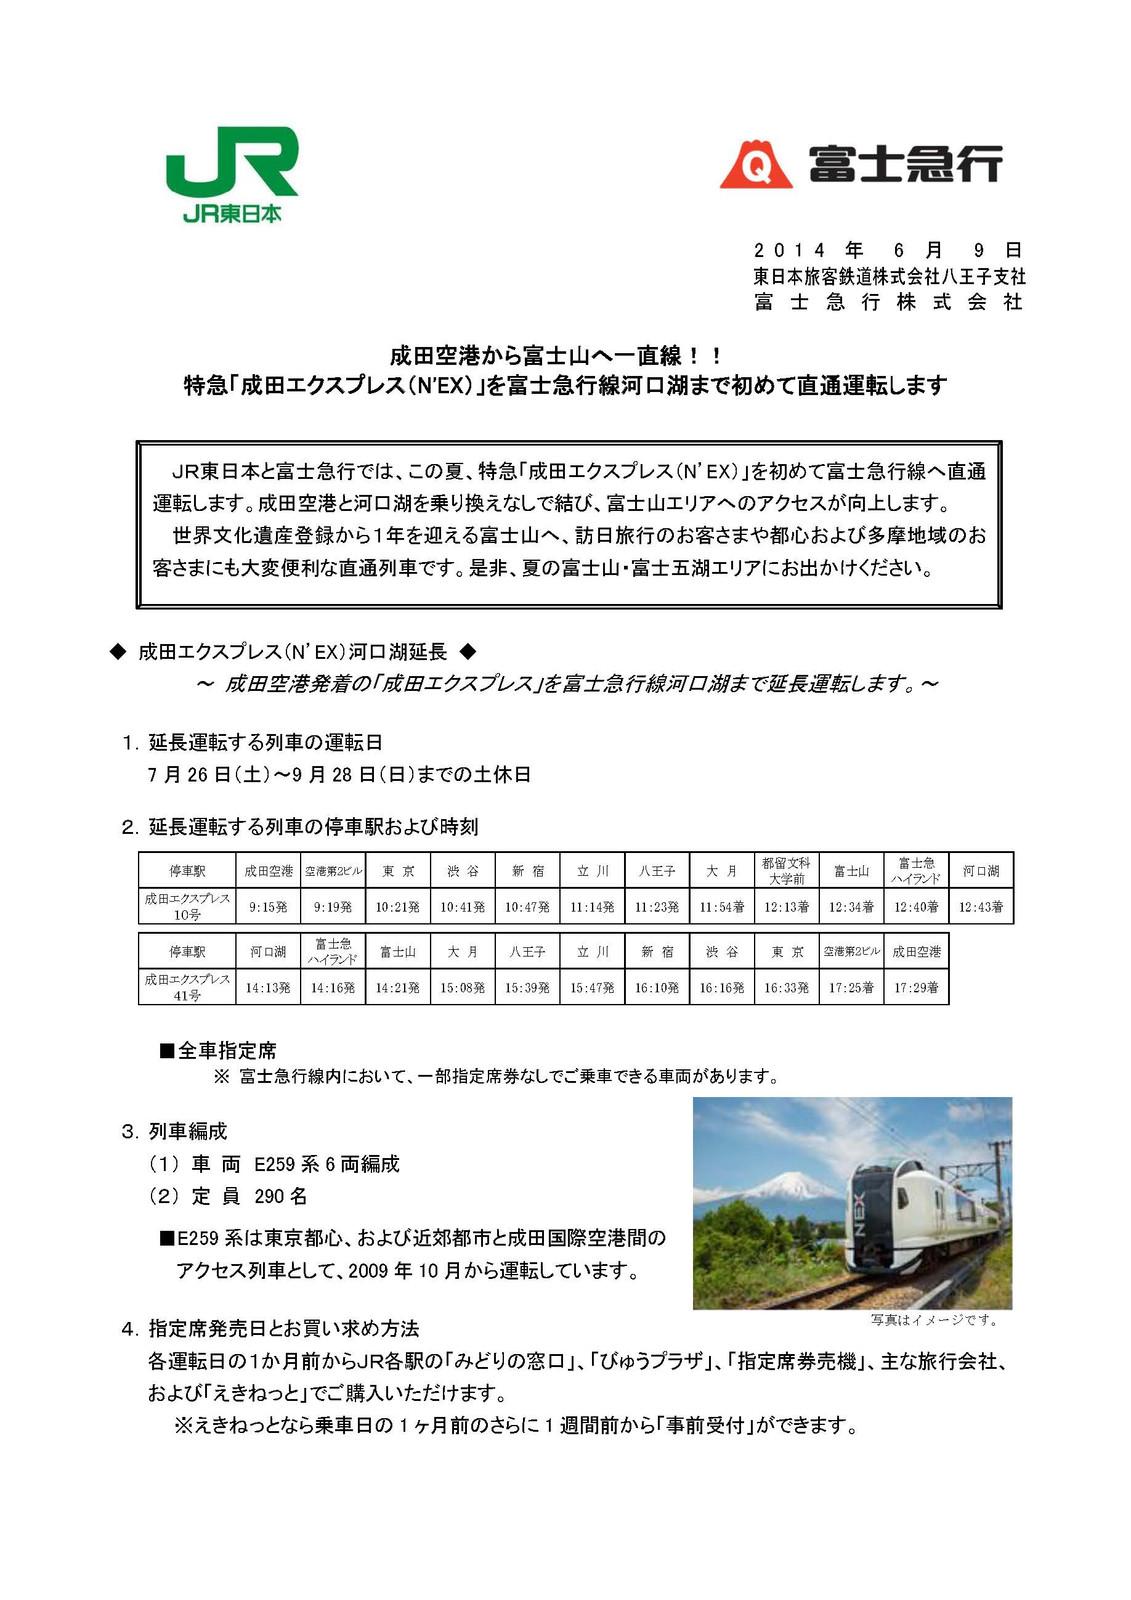 20140609_info_01__1